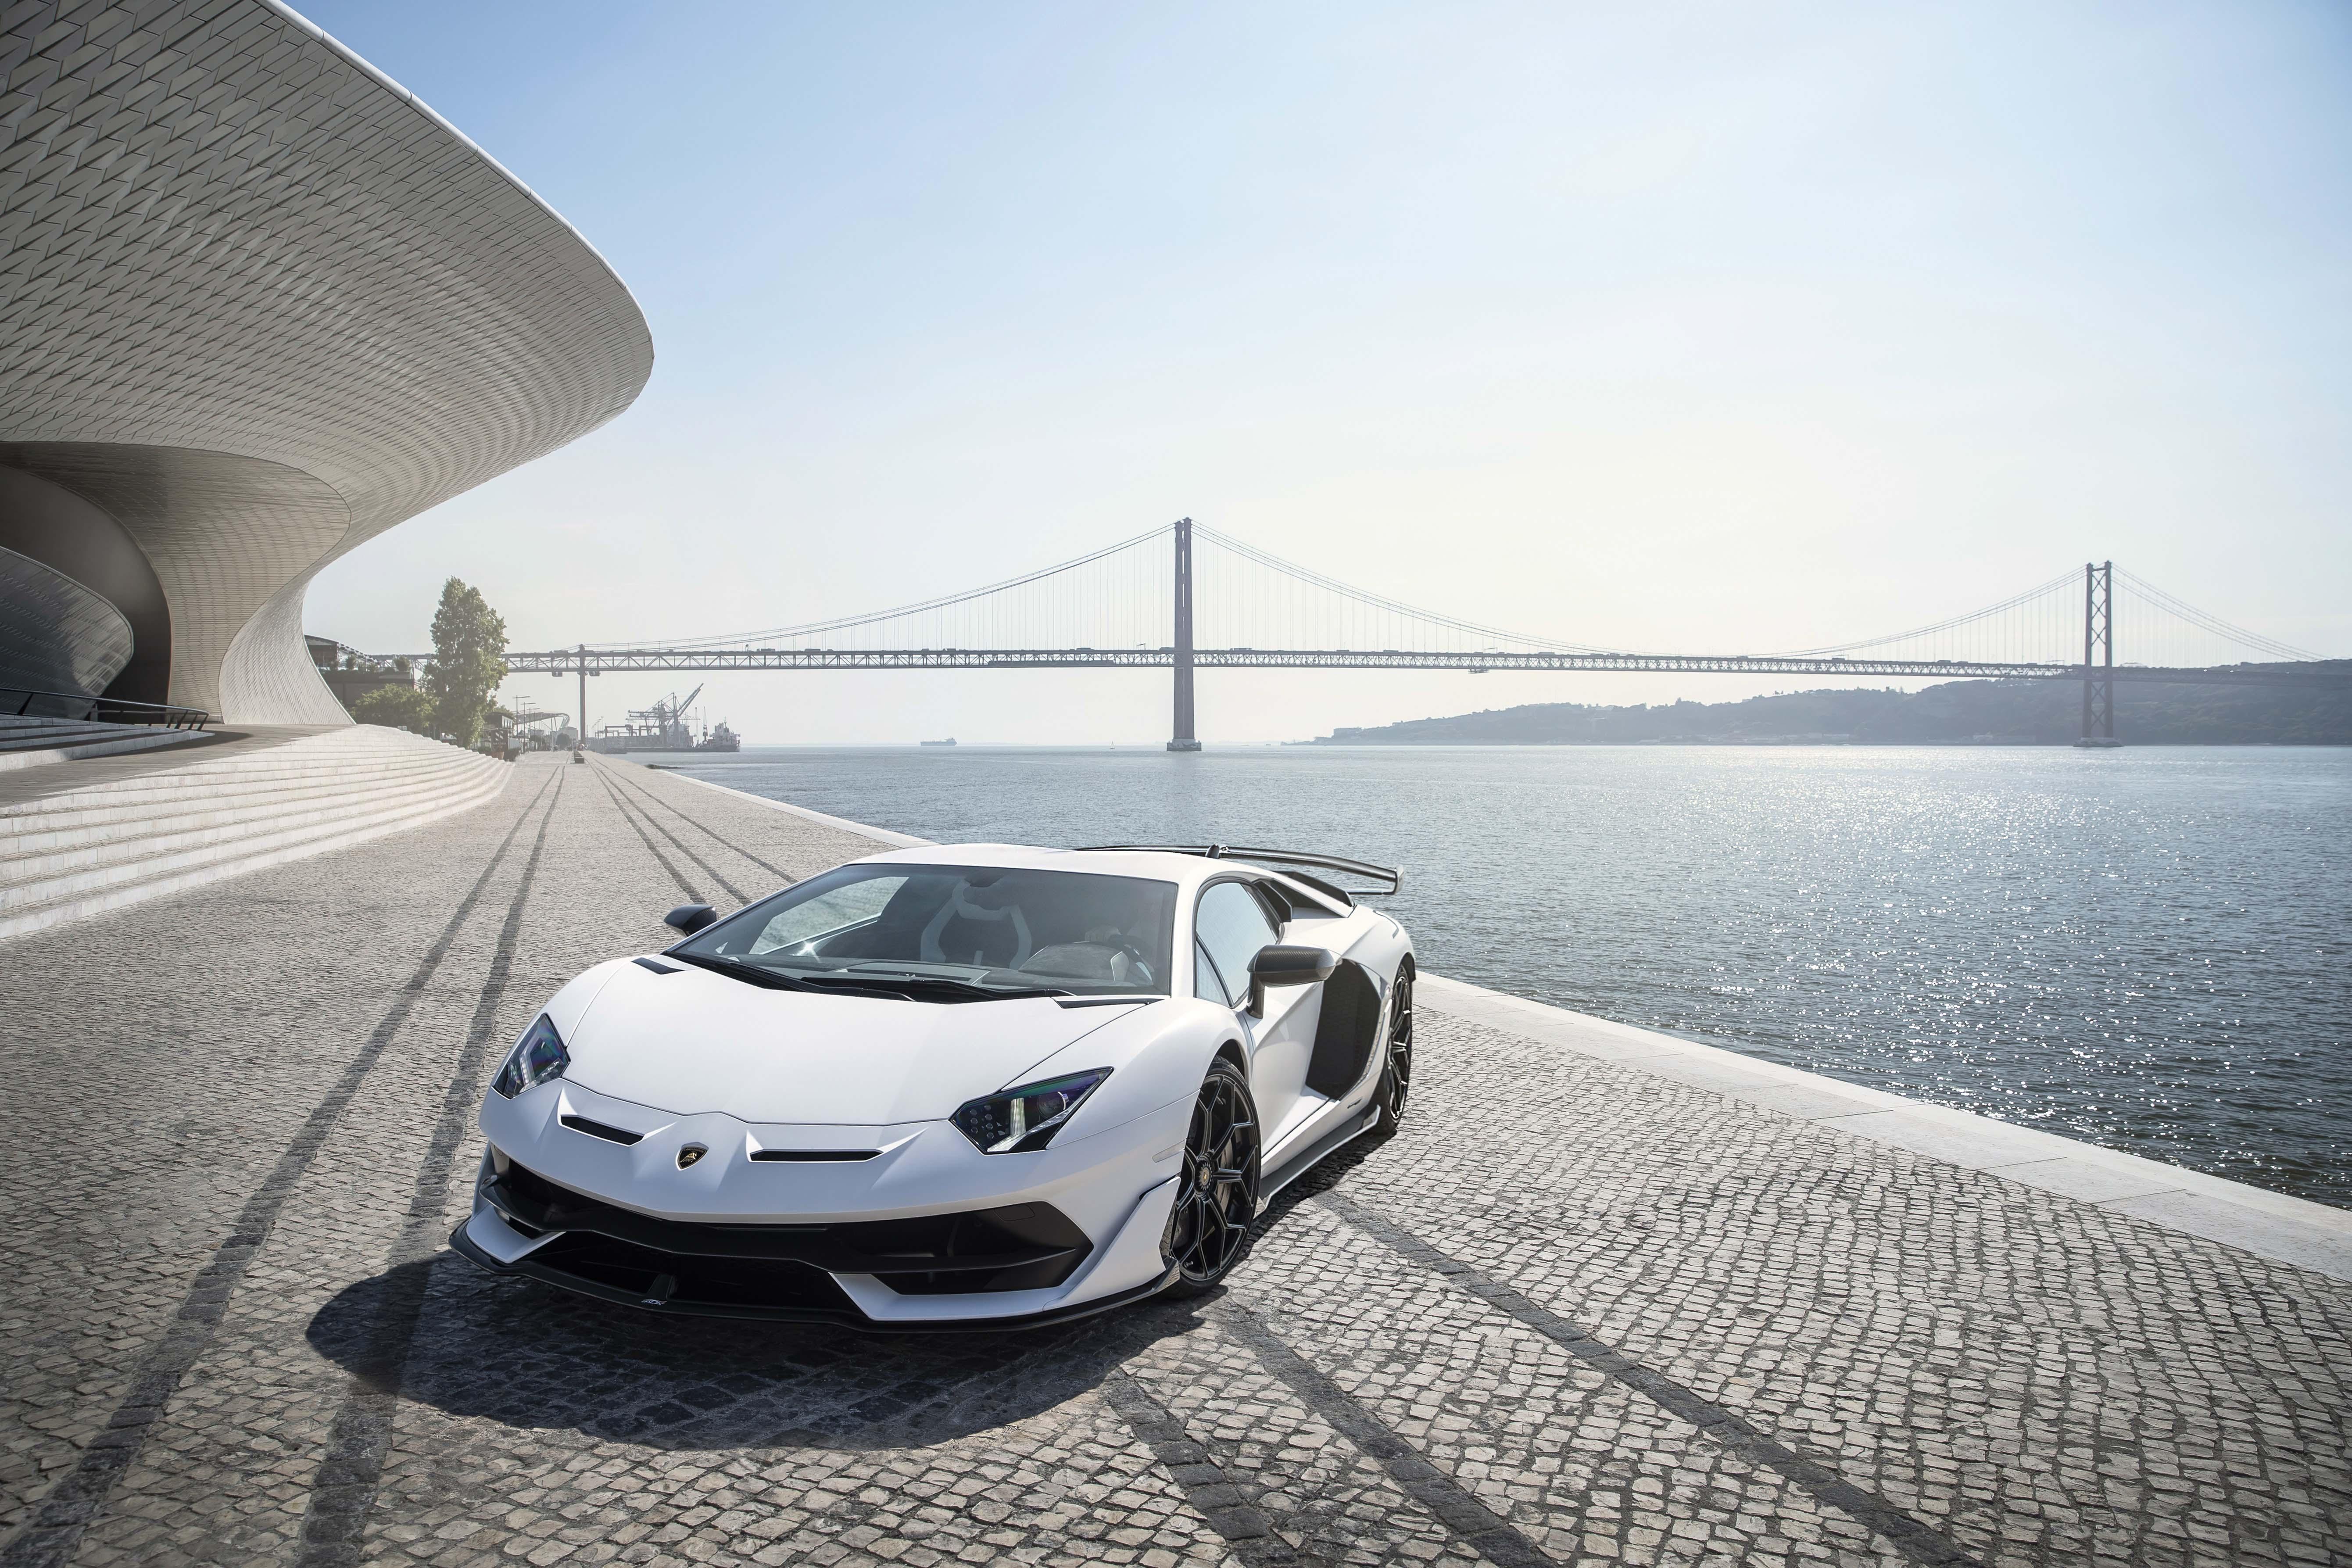 2048x2048 2018 Lamborghini Aventador Svj 4k Ipad Air Hd 4k